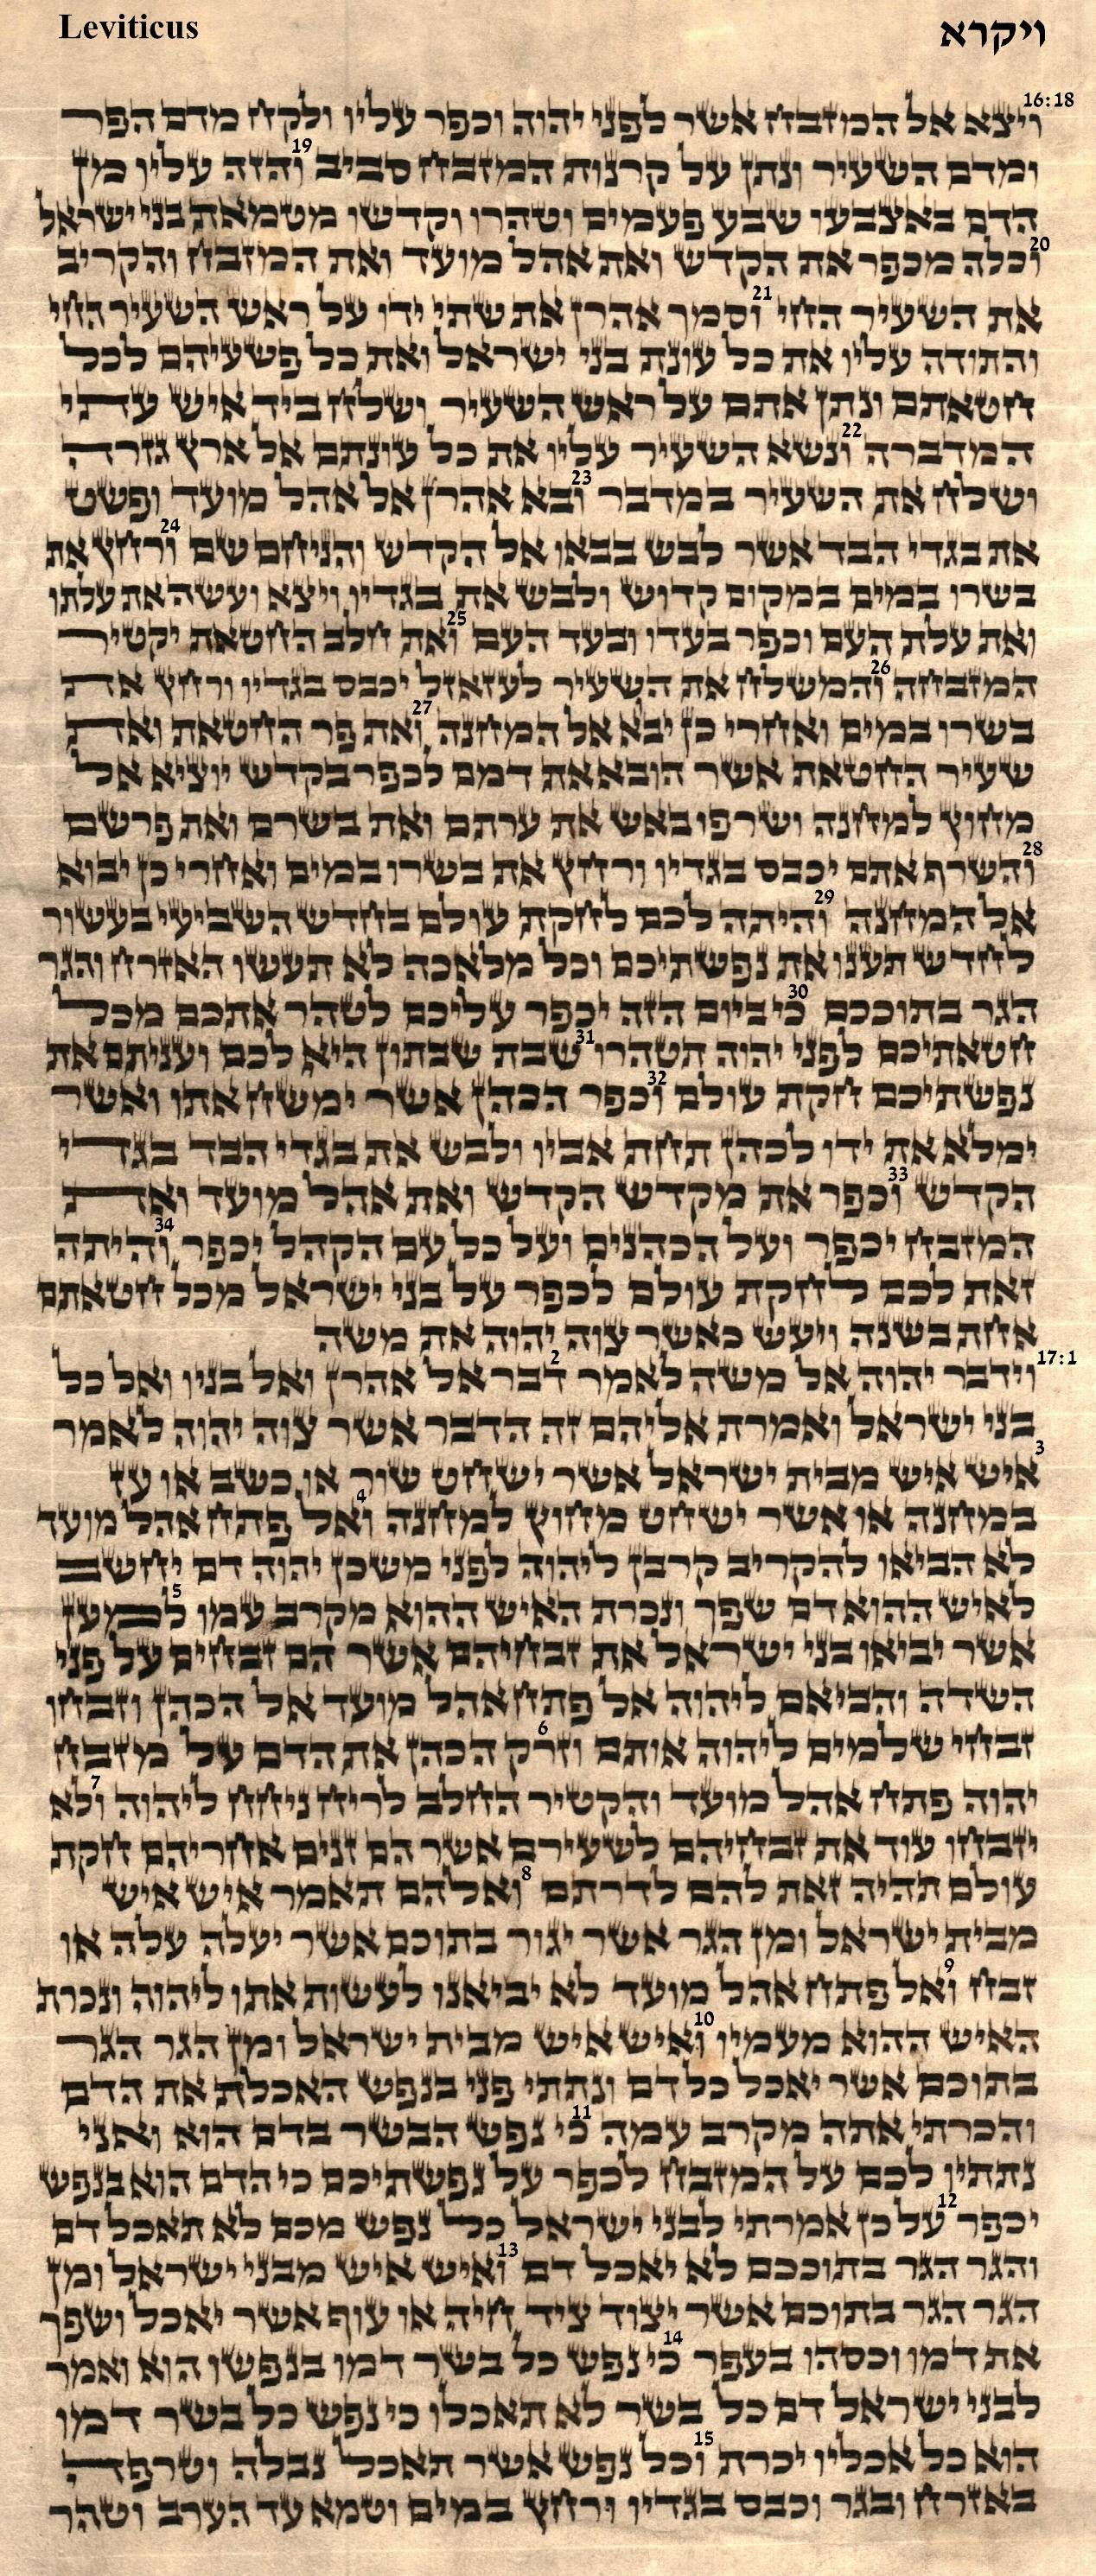 Leviticus 16.18 - 17.15